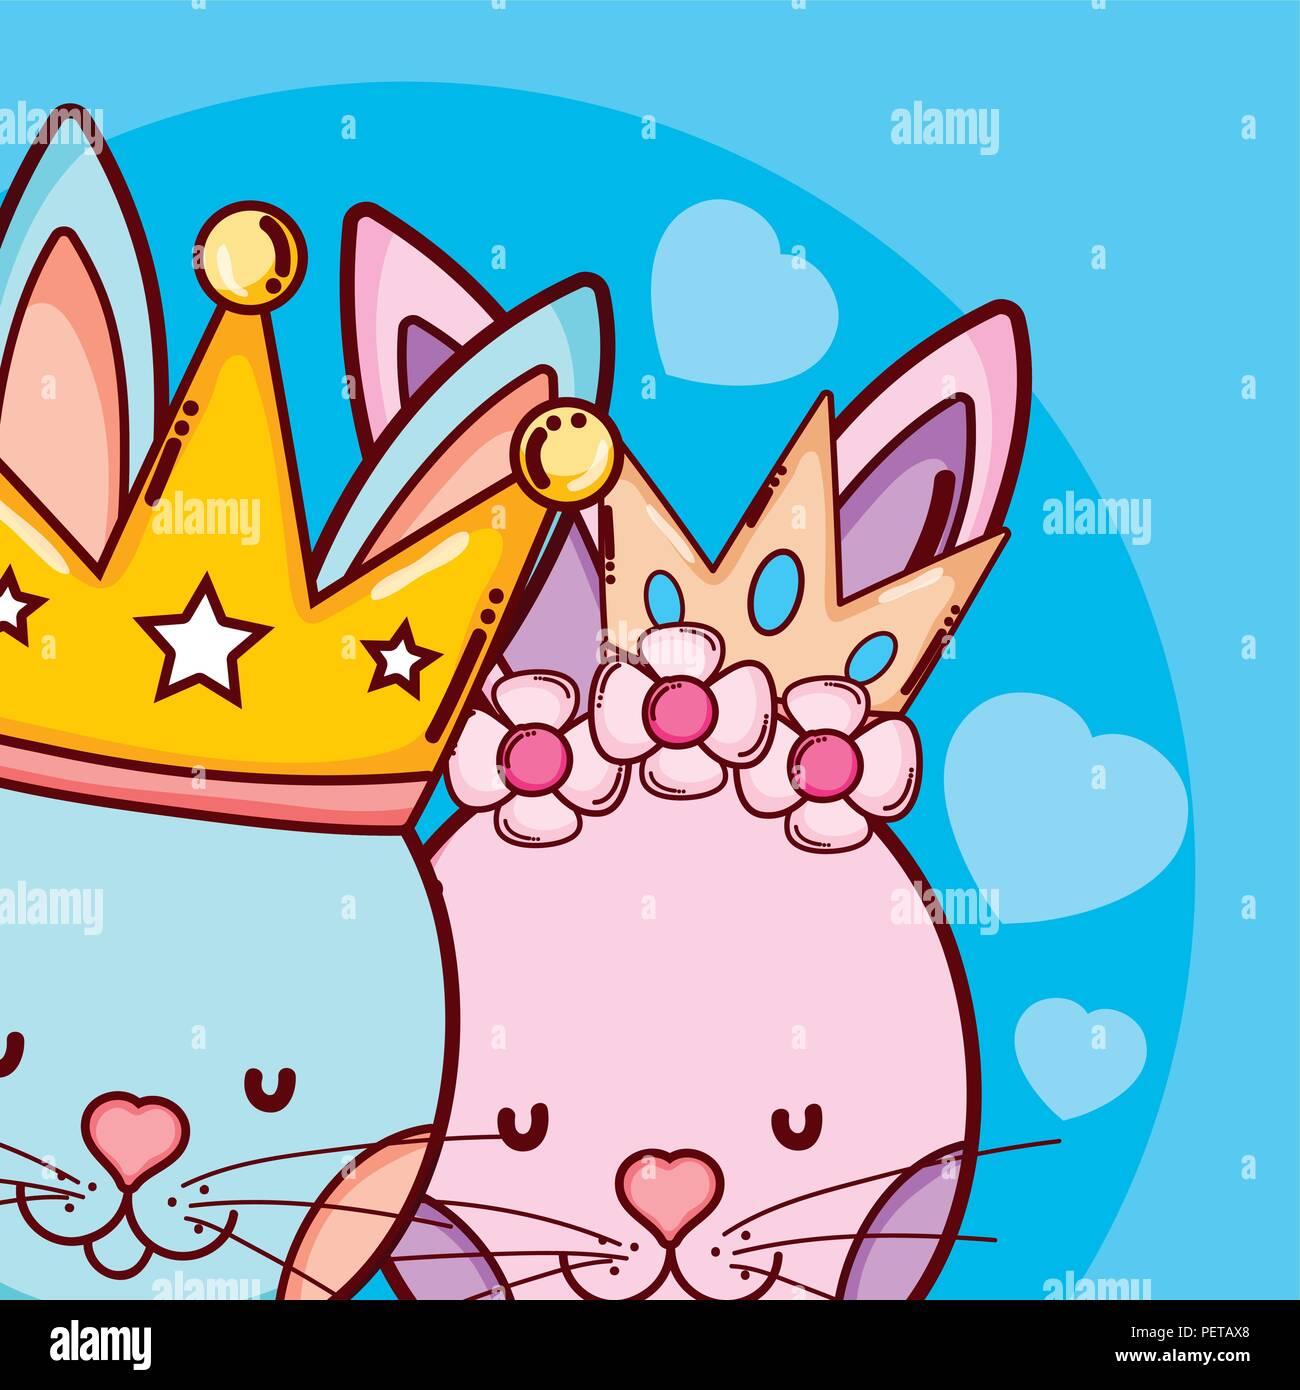 El Rey Y La Reina Animales Cute Dibujos Animados Ilustración Del